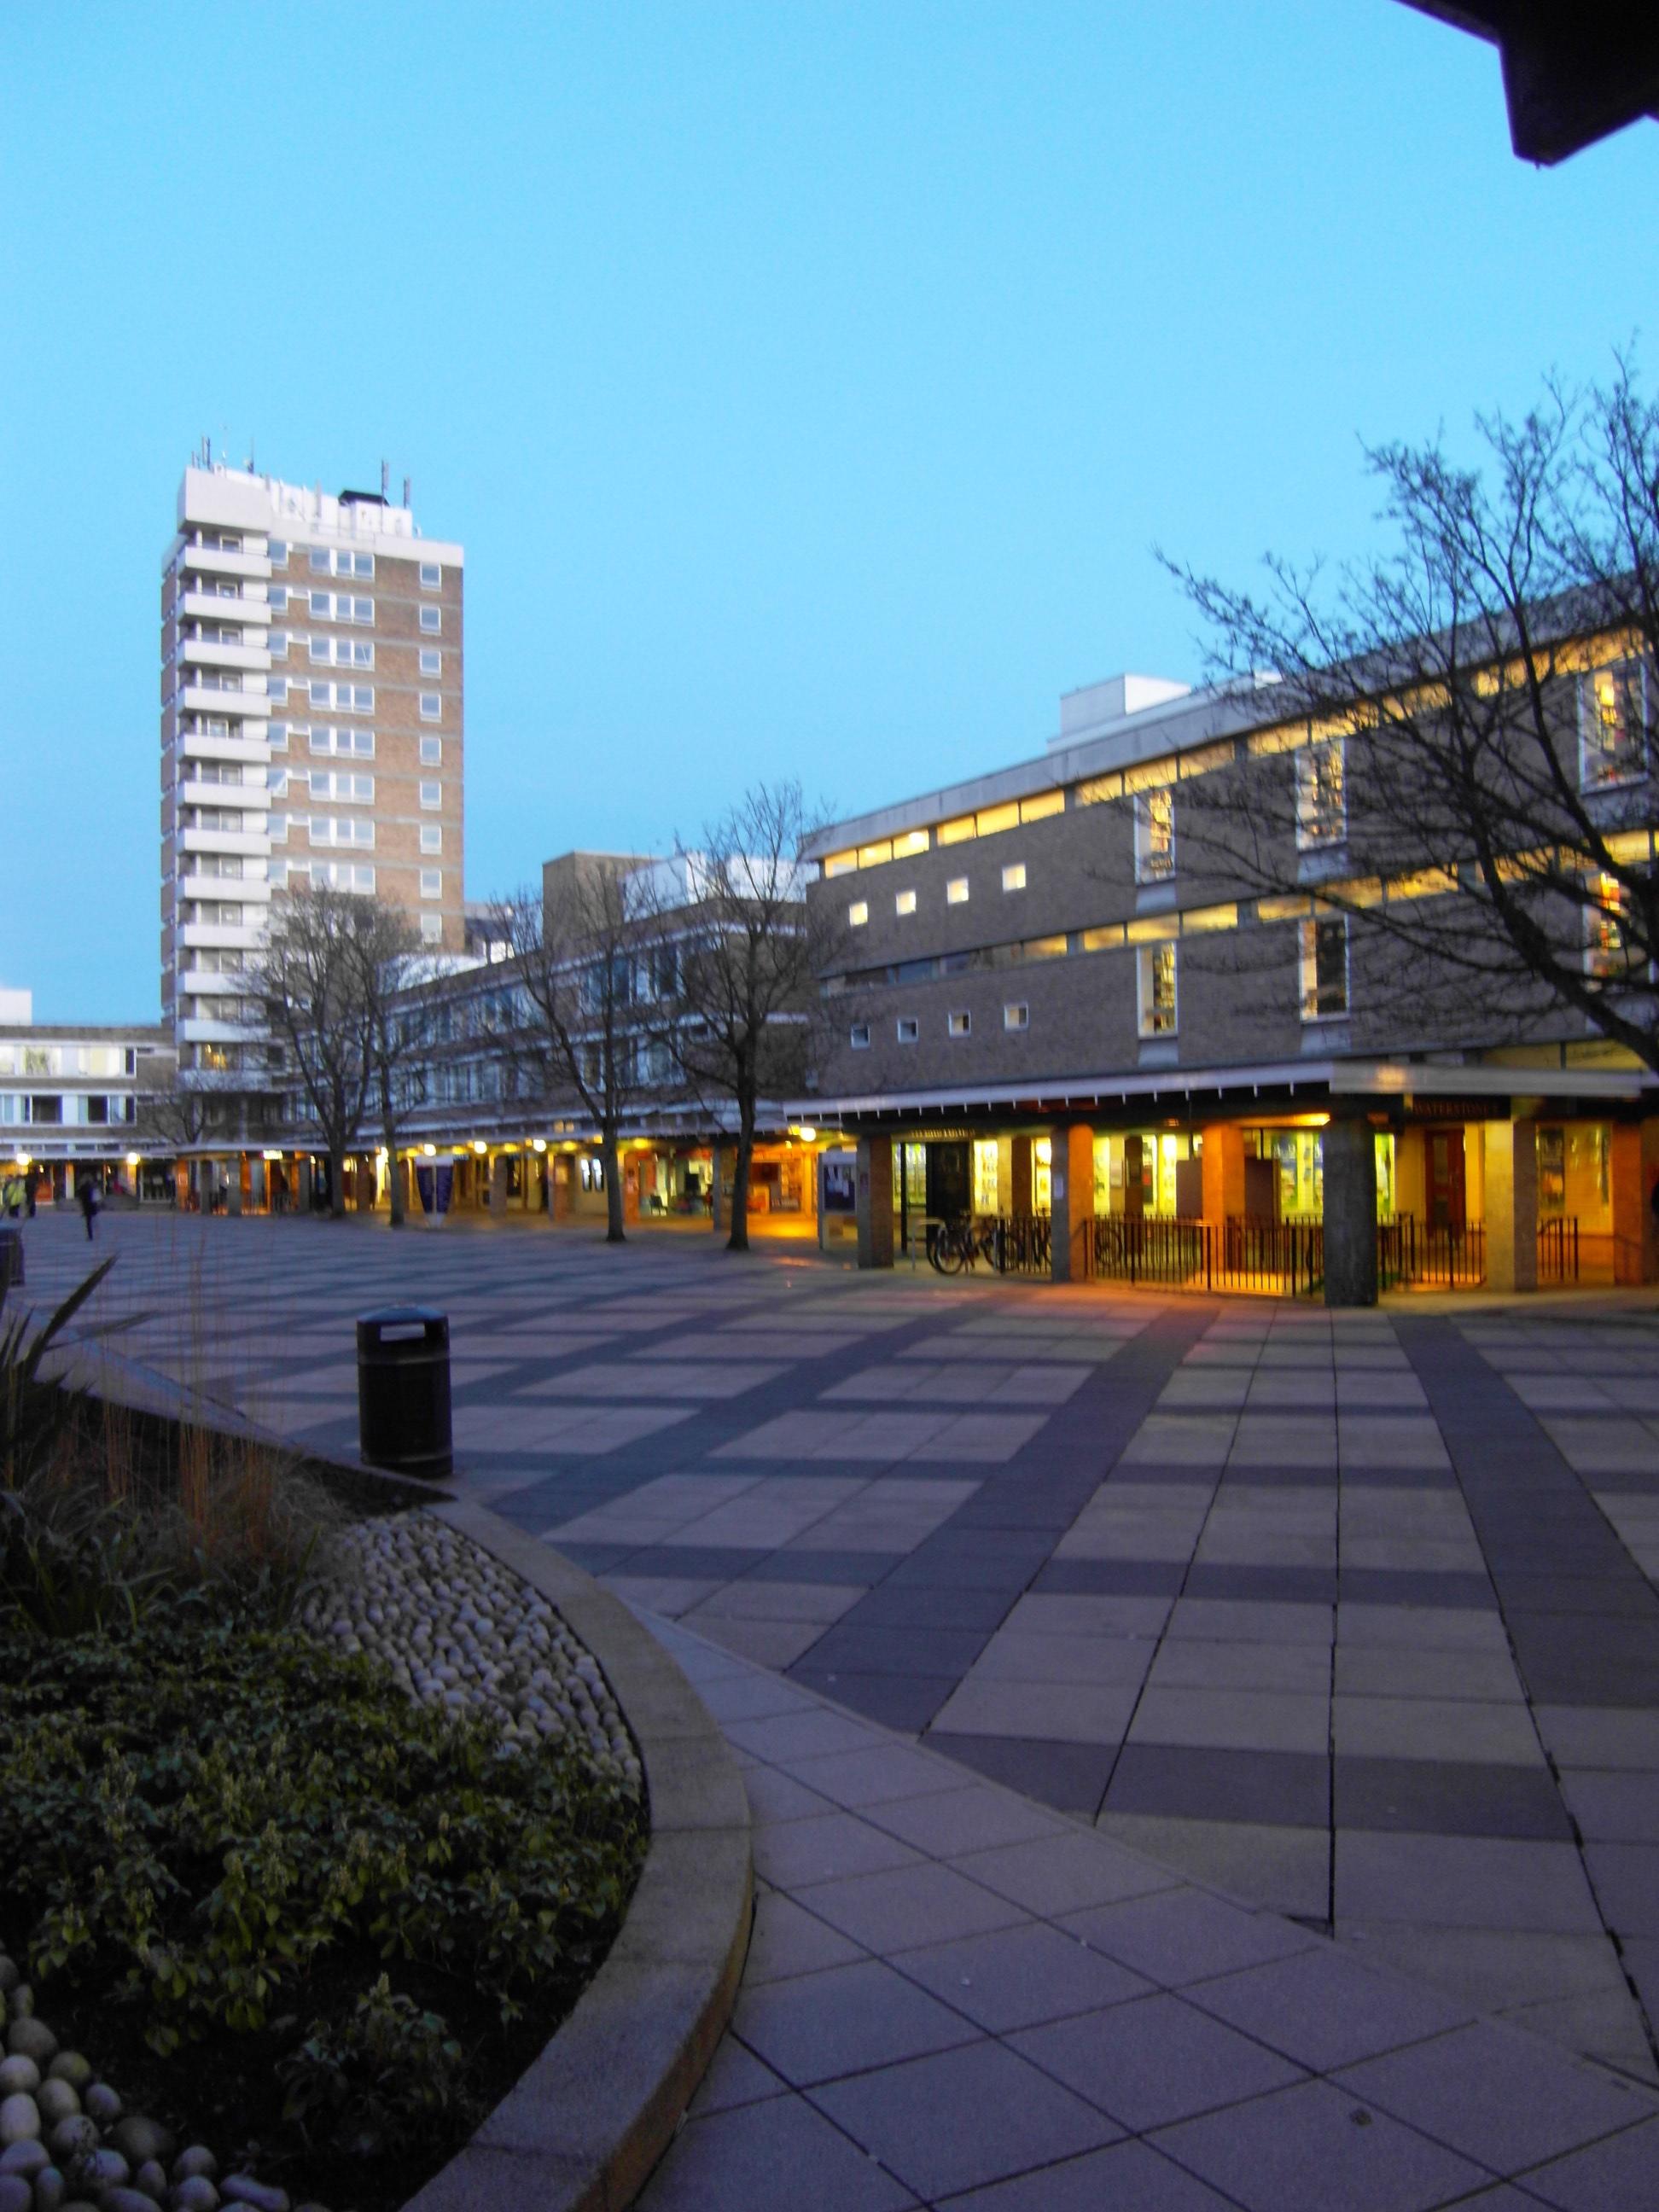 Università di Exeter sito di incontri